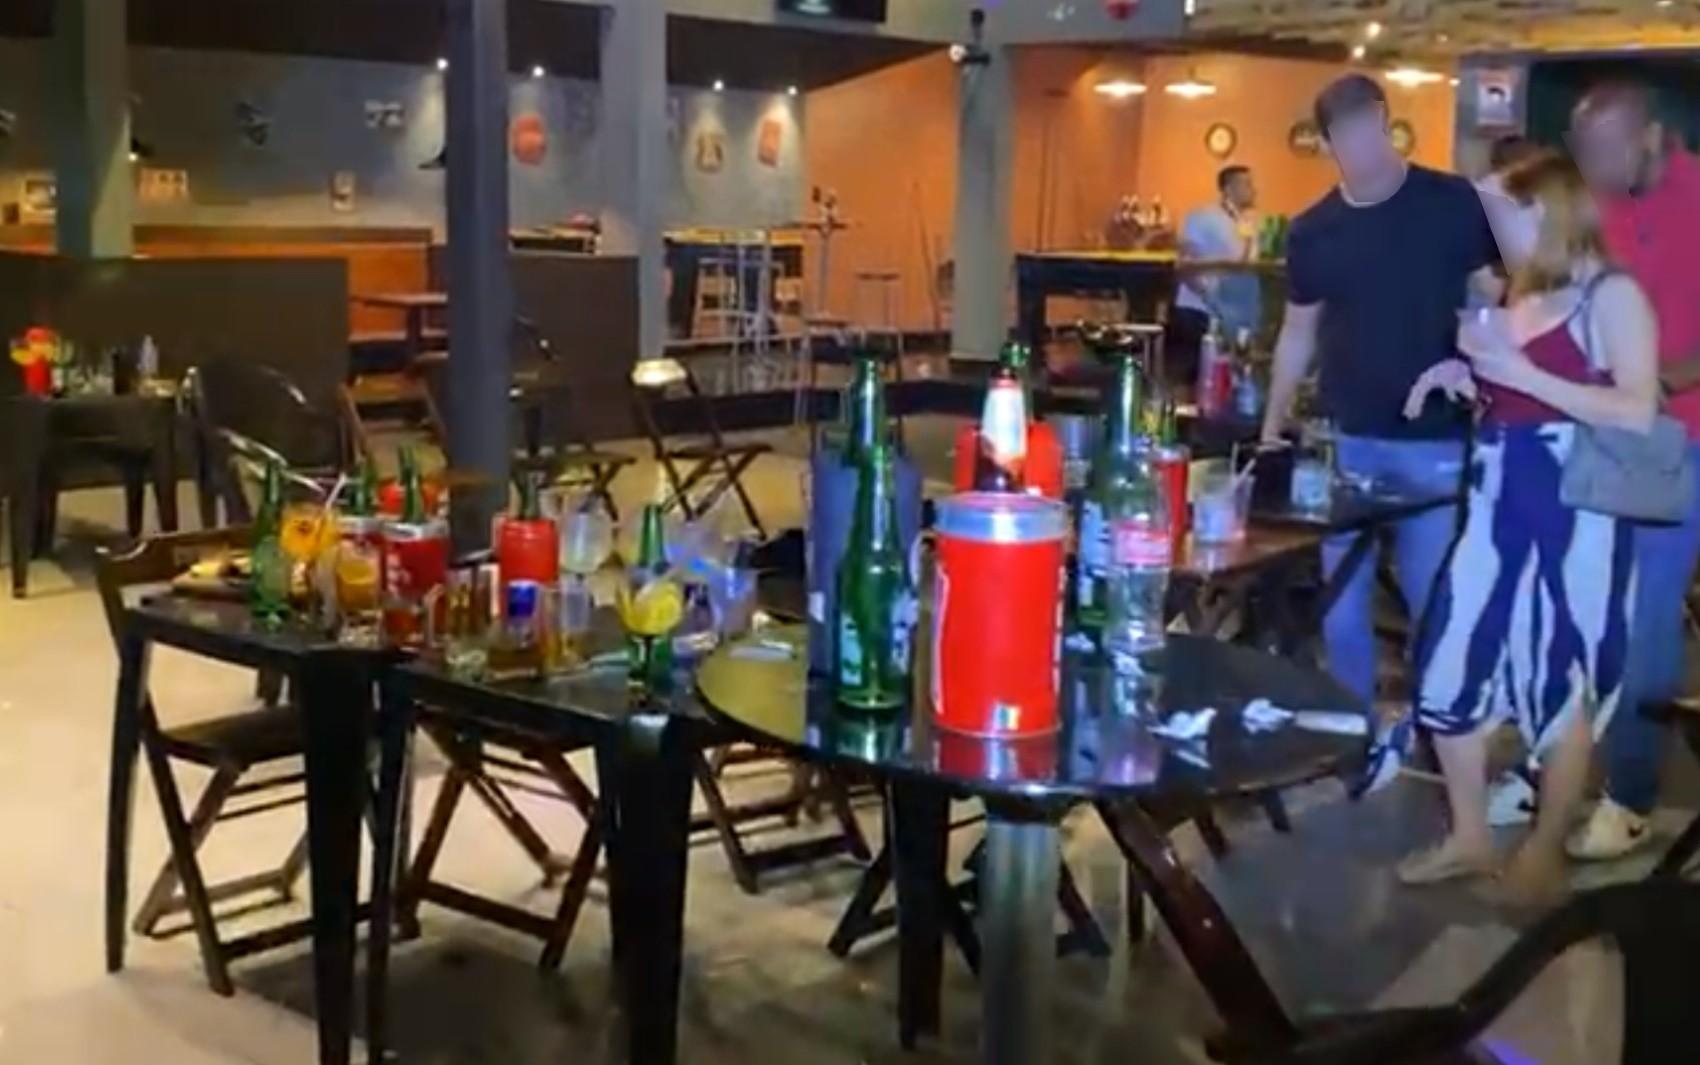 Fiscalização flagra casa de jogos de poker, bares, distribuidoras e boate em desrespeito ao decreto contra Covid-19 em Goiânia